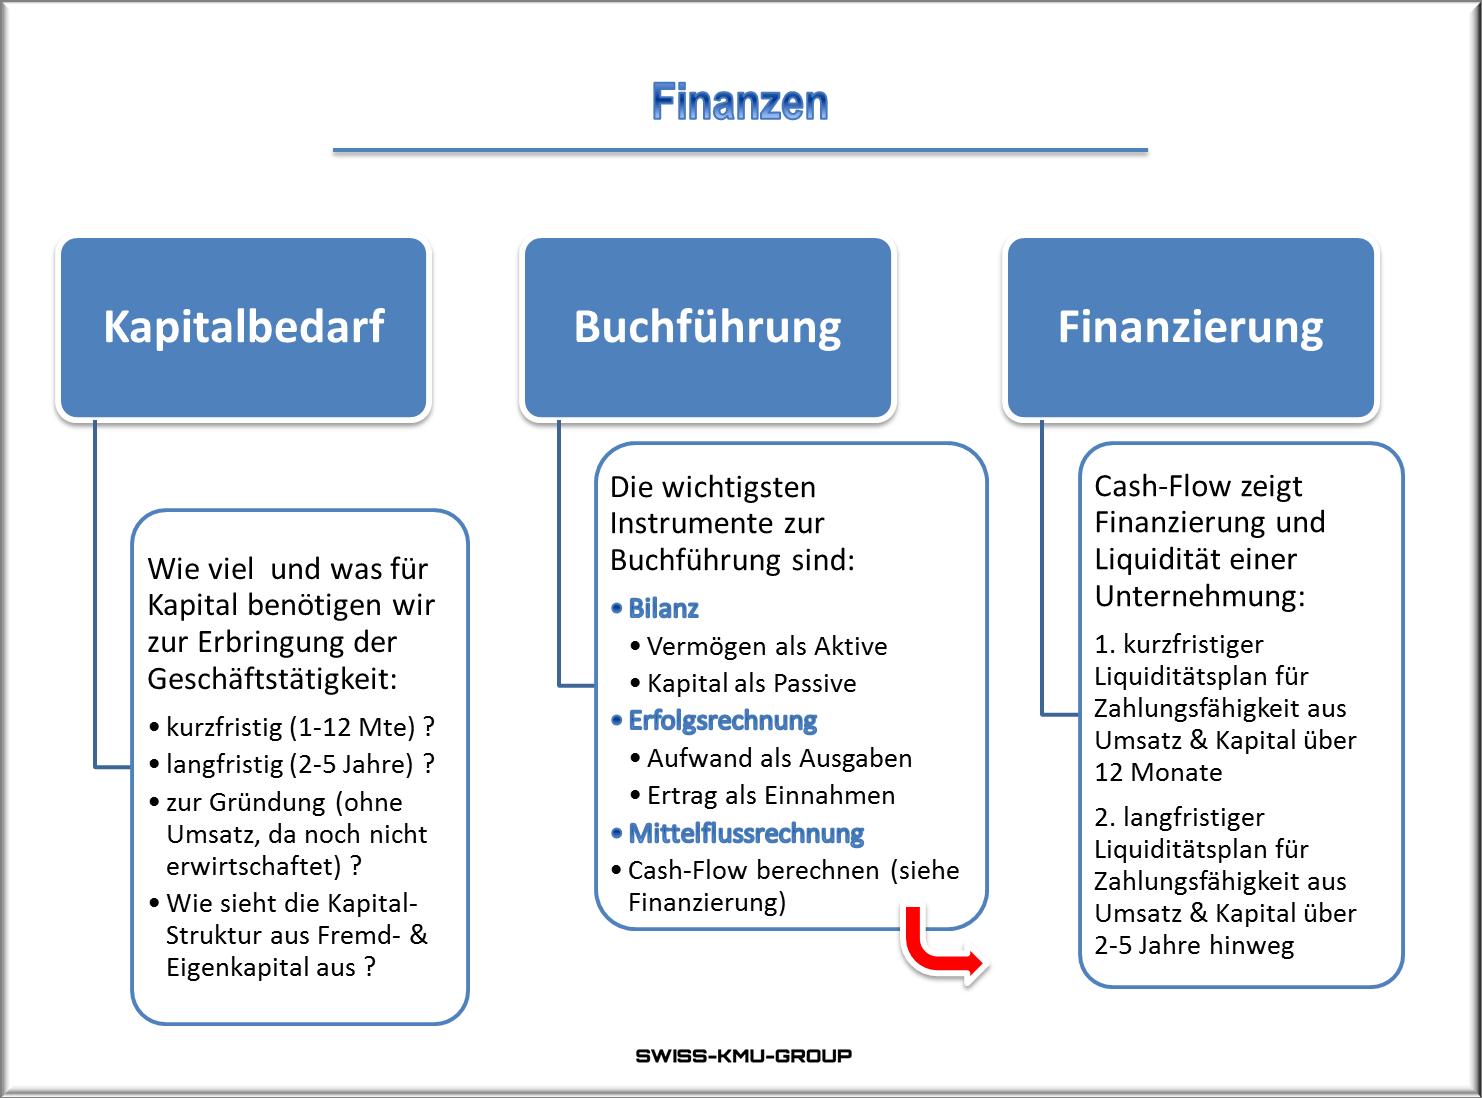 Businessplan Online Ch Finanzen Finanzen Businessplan Planer